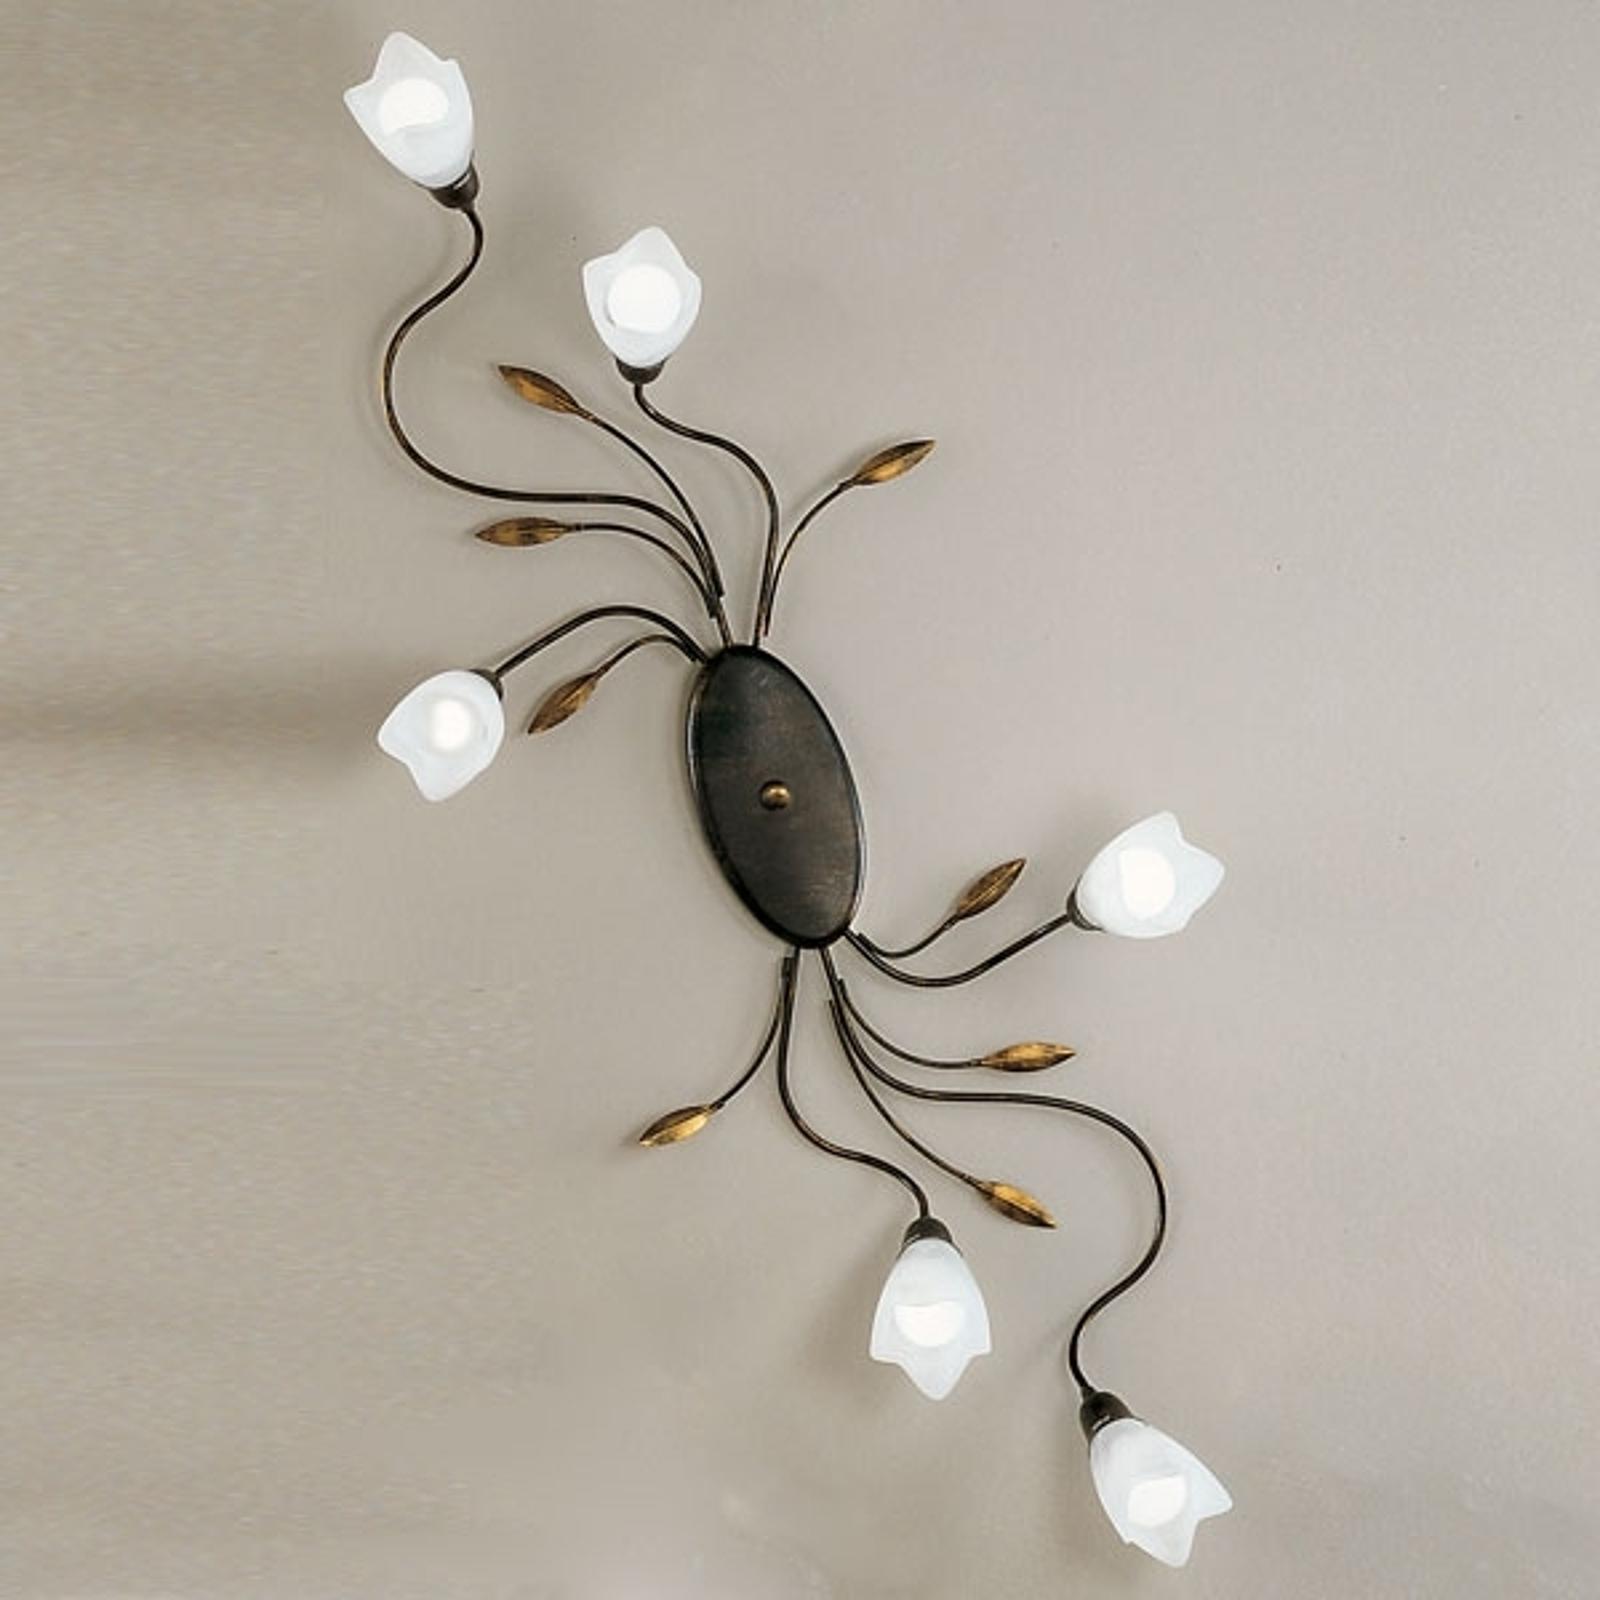 CAMPANA taklampe i blomsterform med seks lys